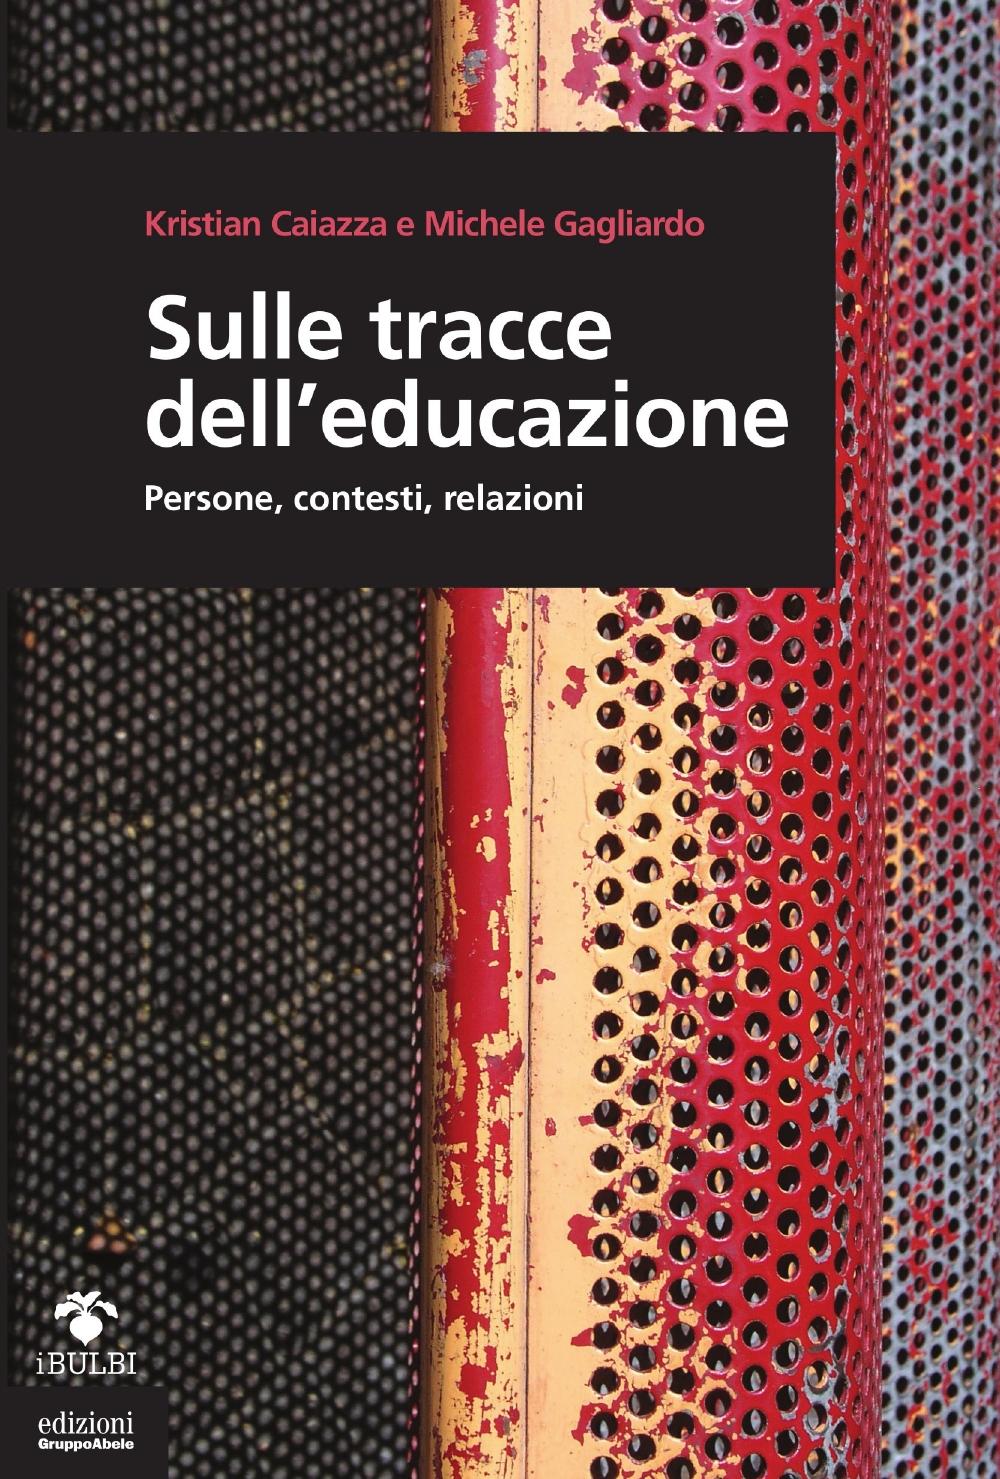 Sulle tracce dell'educazione